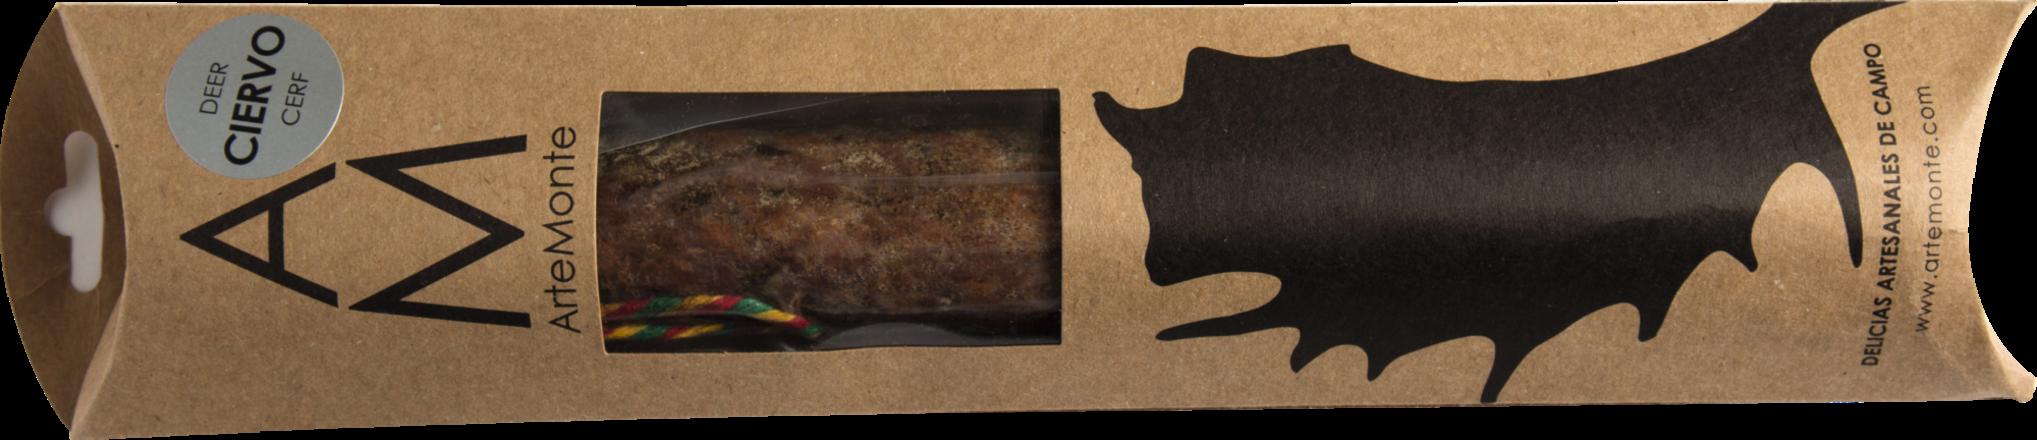 Chorizo med hjortkött